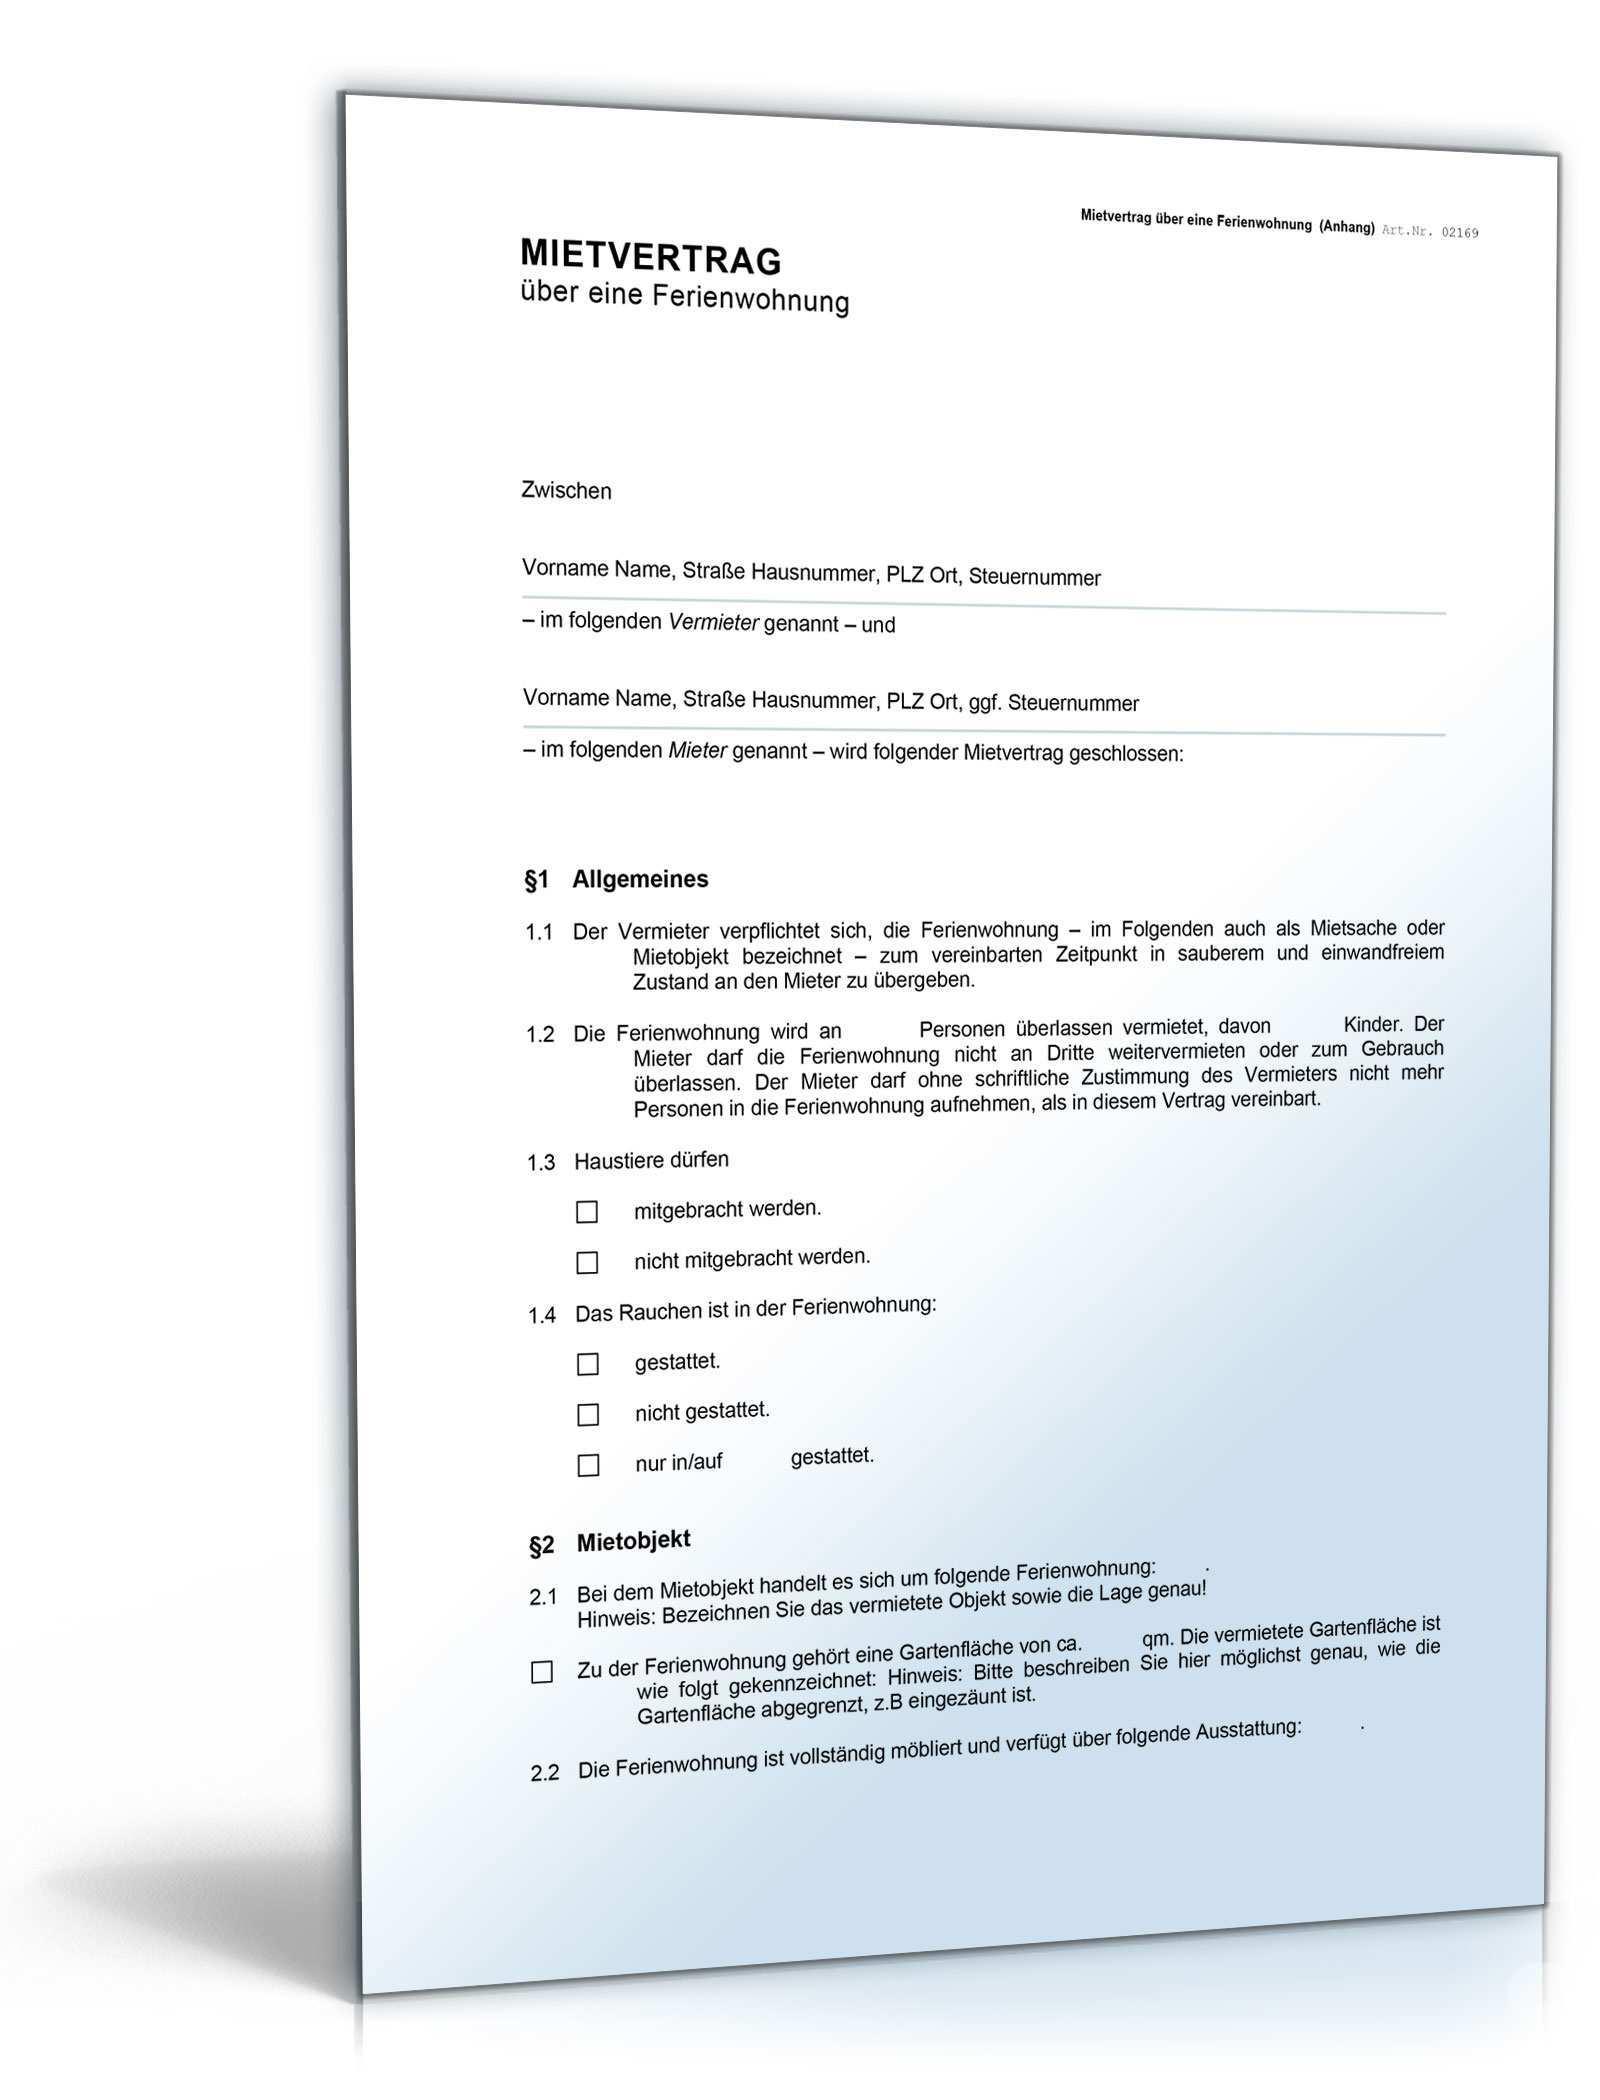 Mietvertrag Fur Eine Ferienwohnung De Vertrag Download